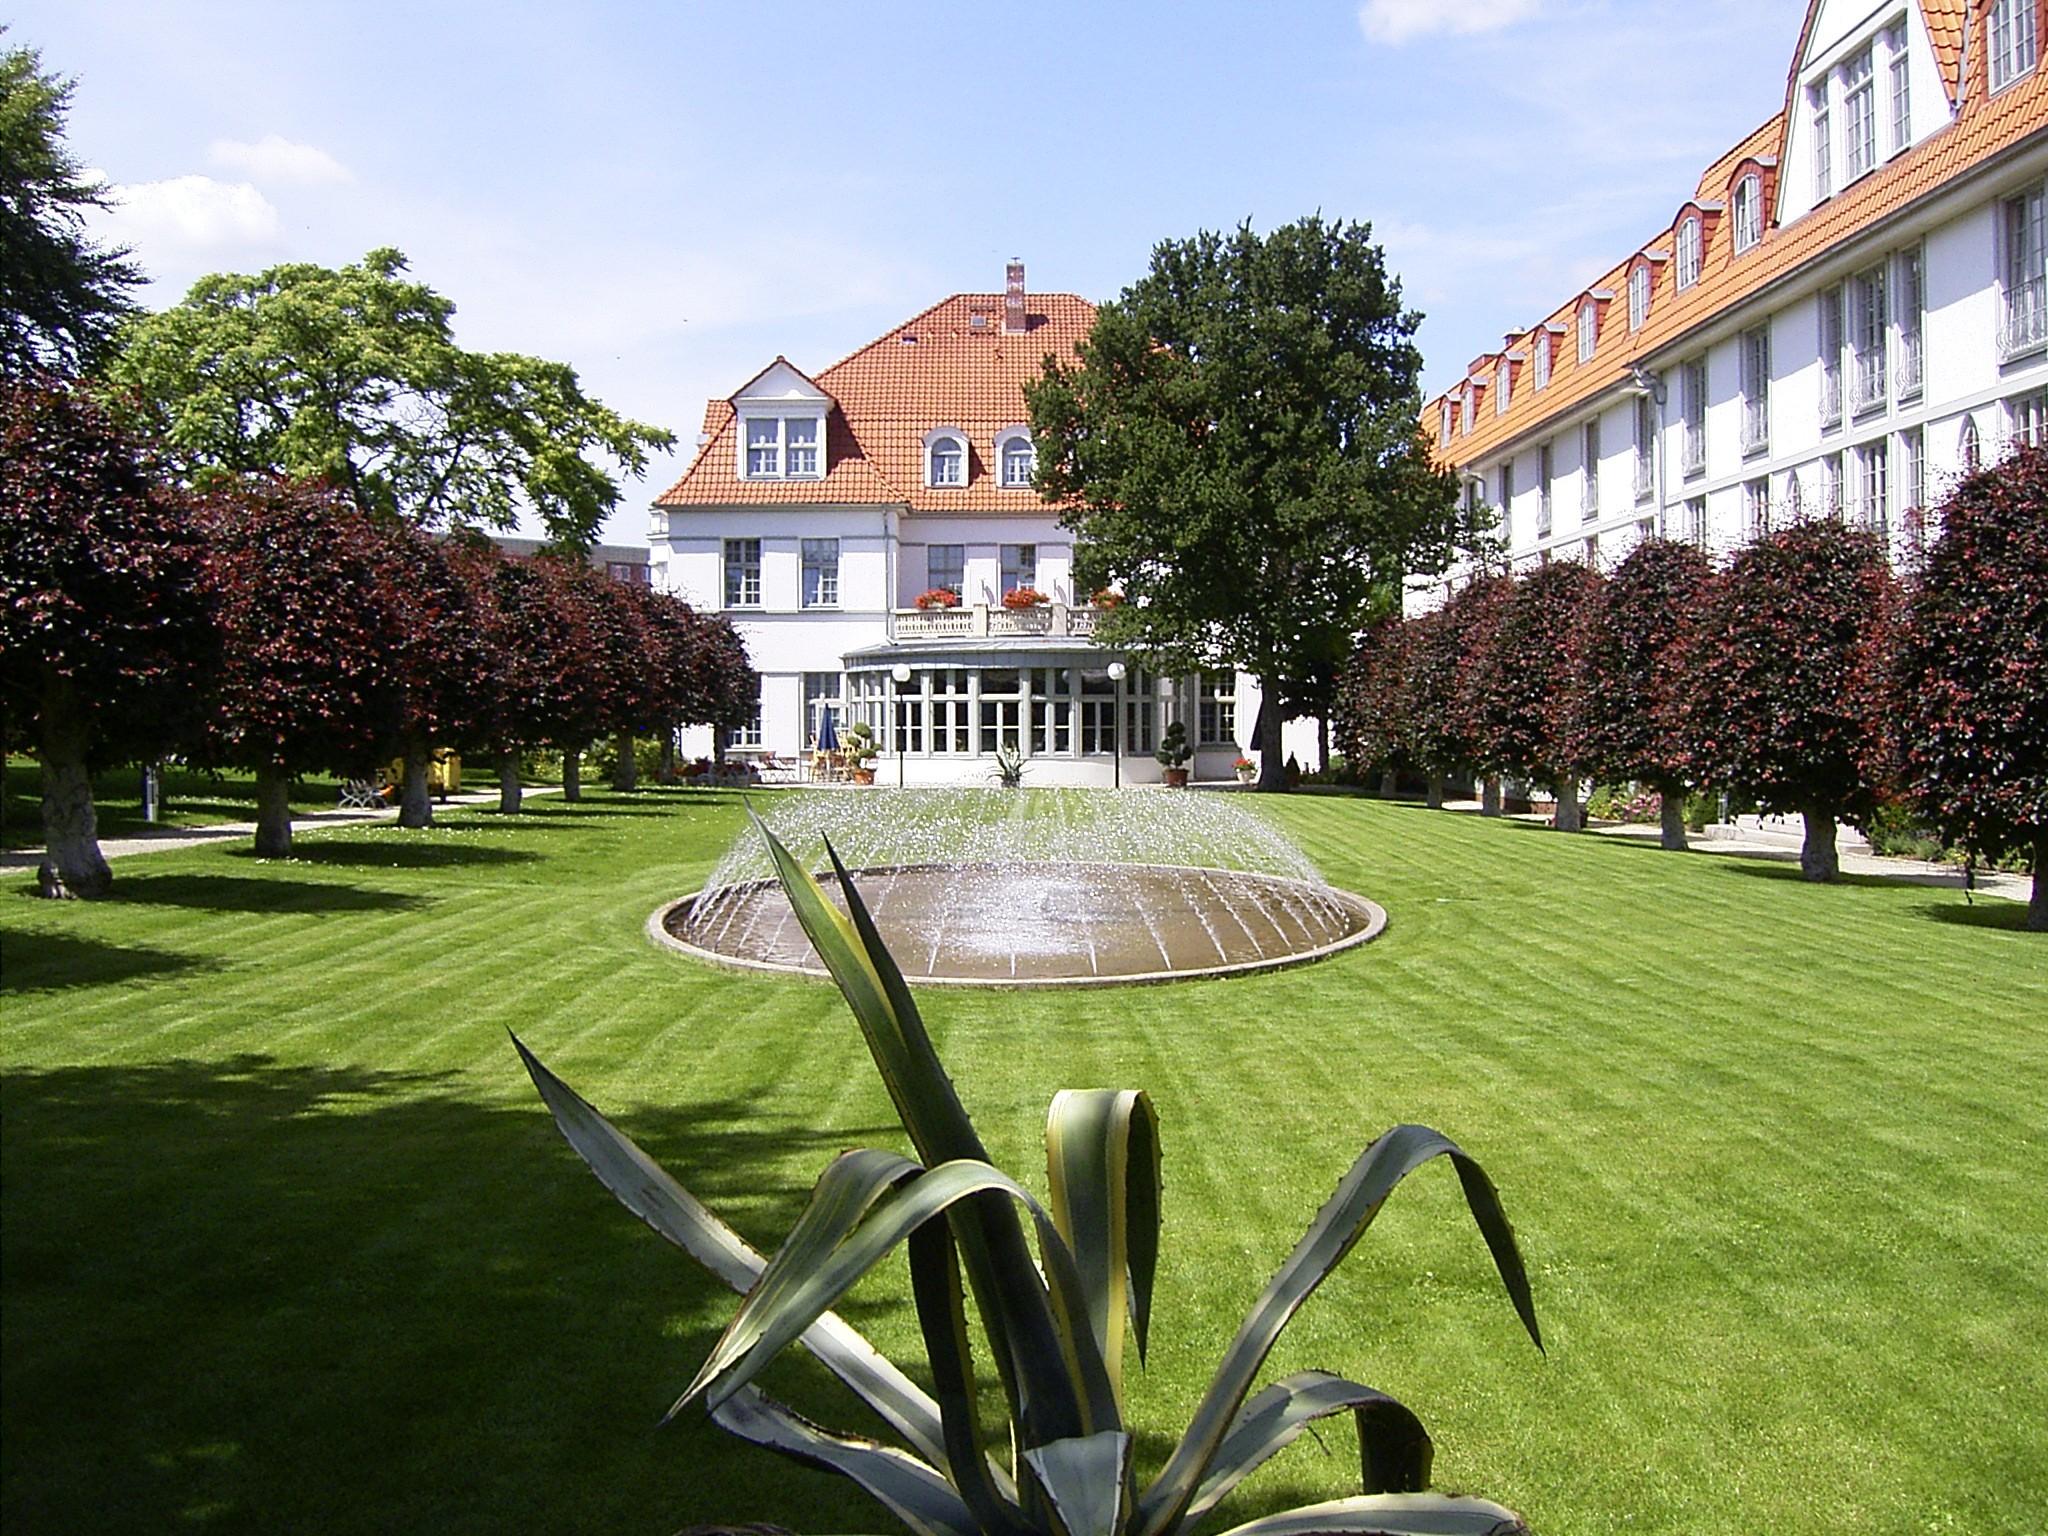 hotel-villa-heine-parkansicht-mit-brunnen